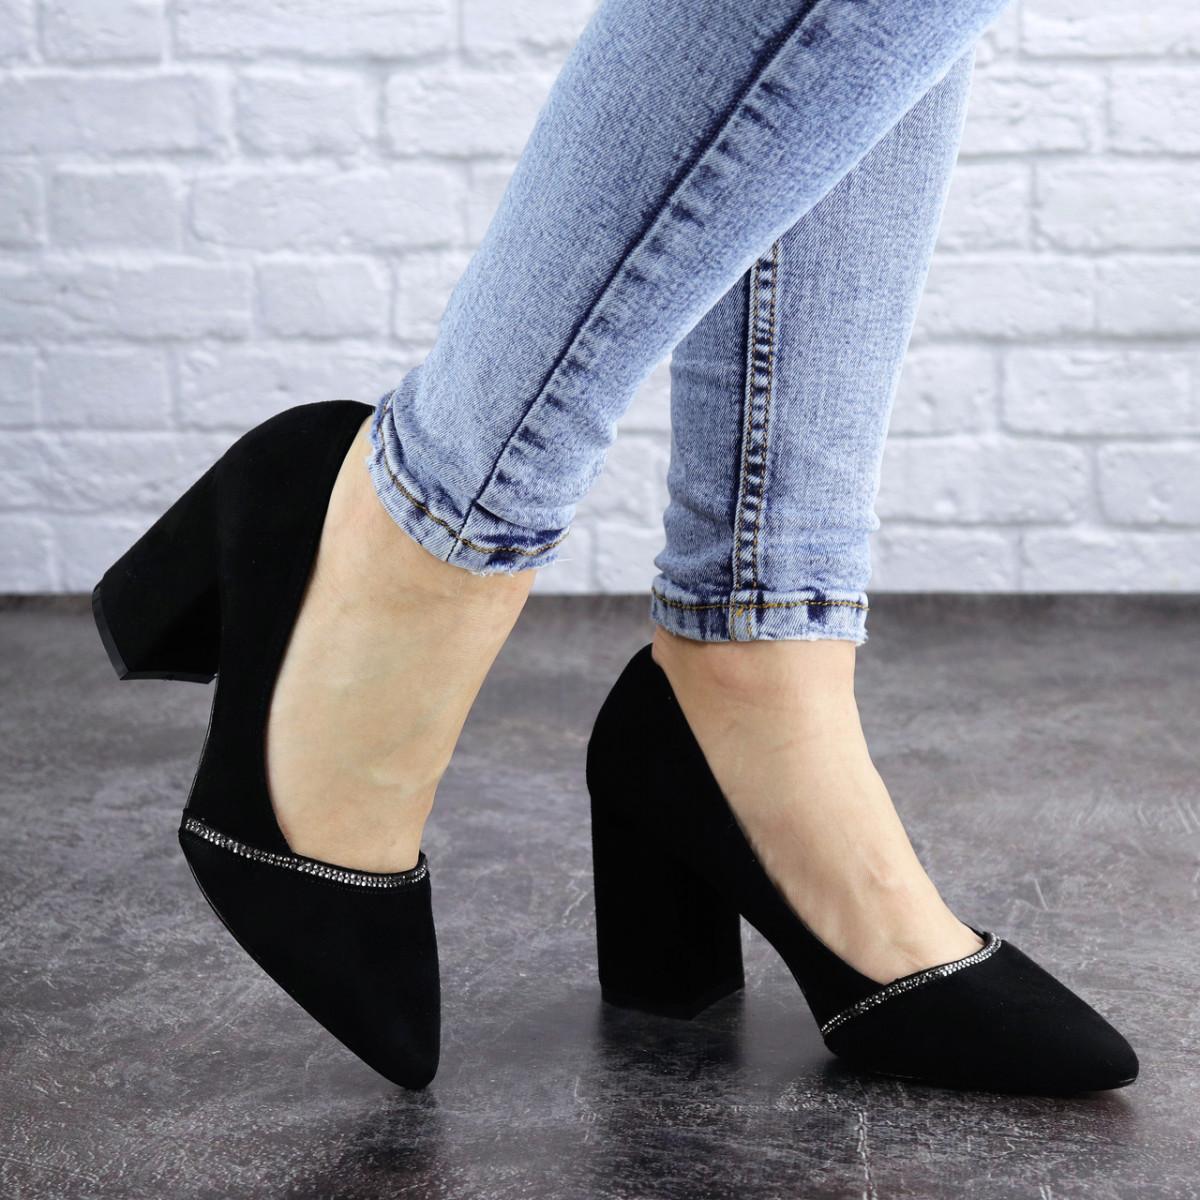 Туфли женские на каблуке черные Shiro 2096 (36 размер)